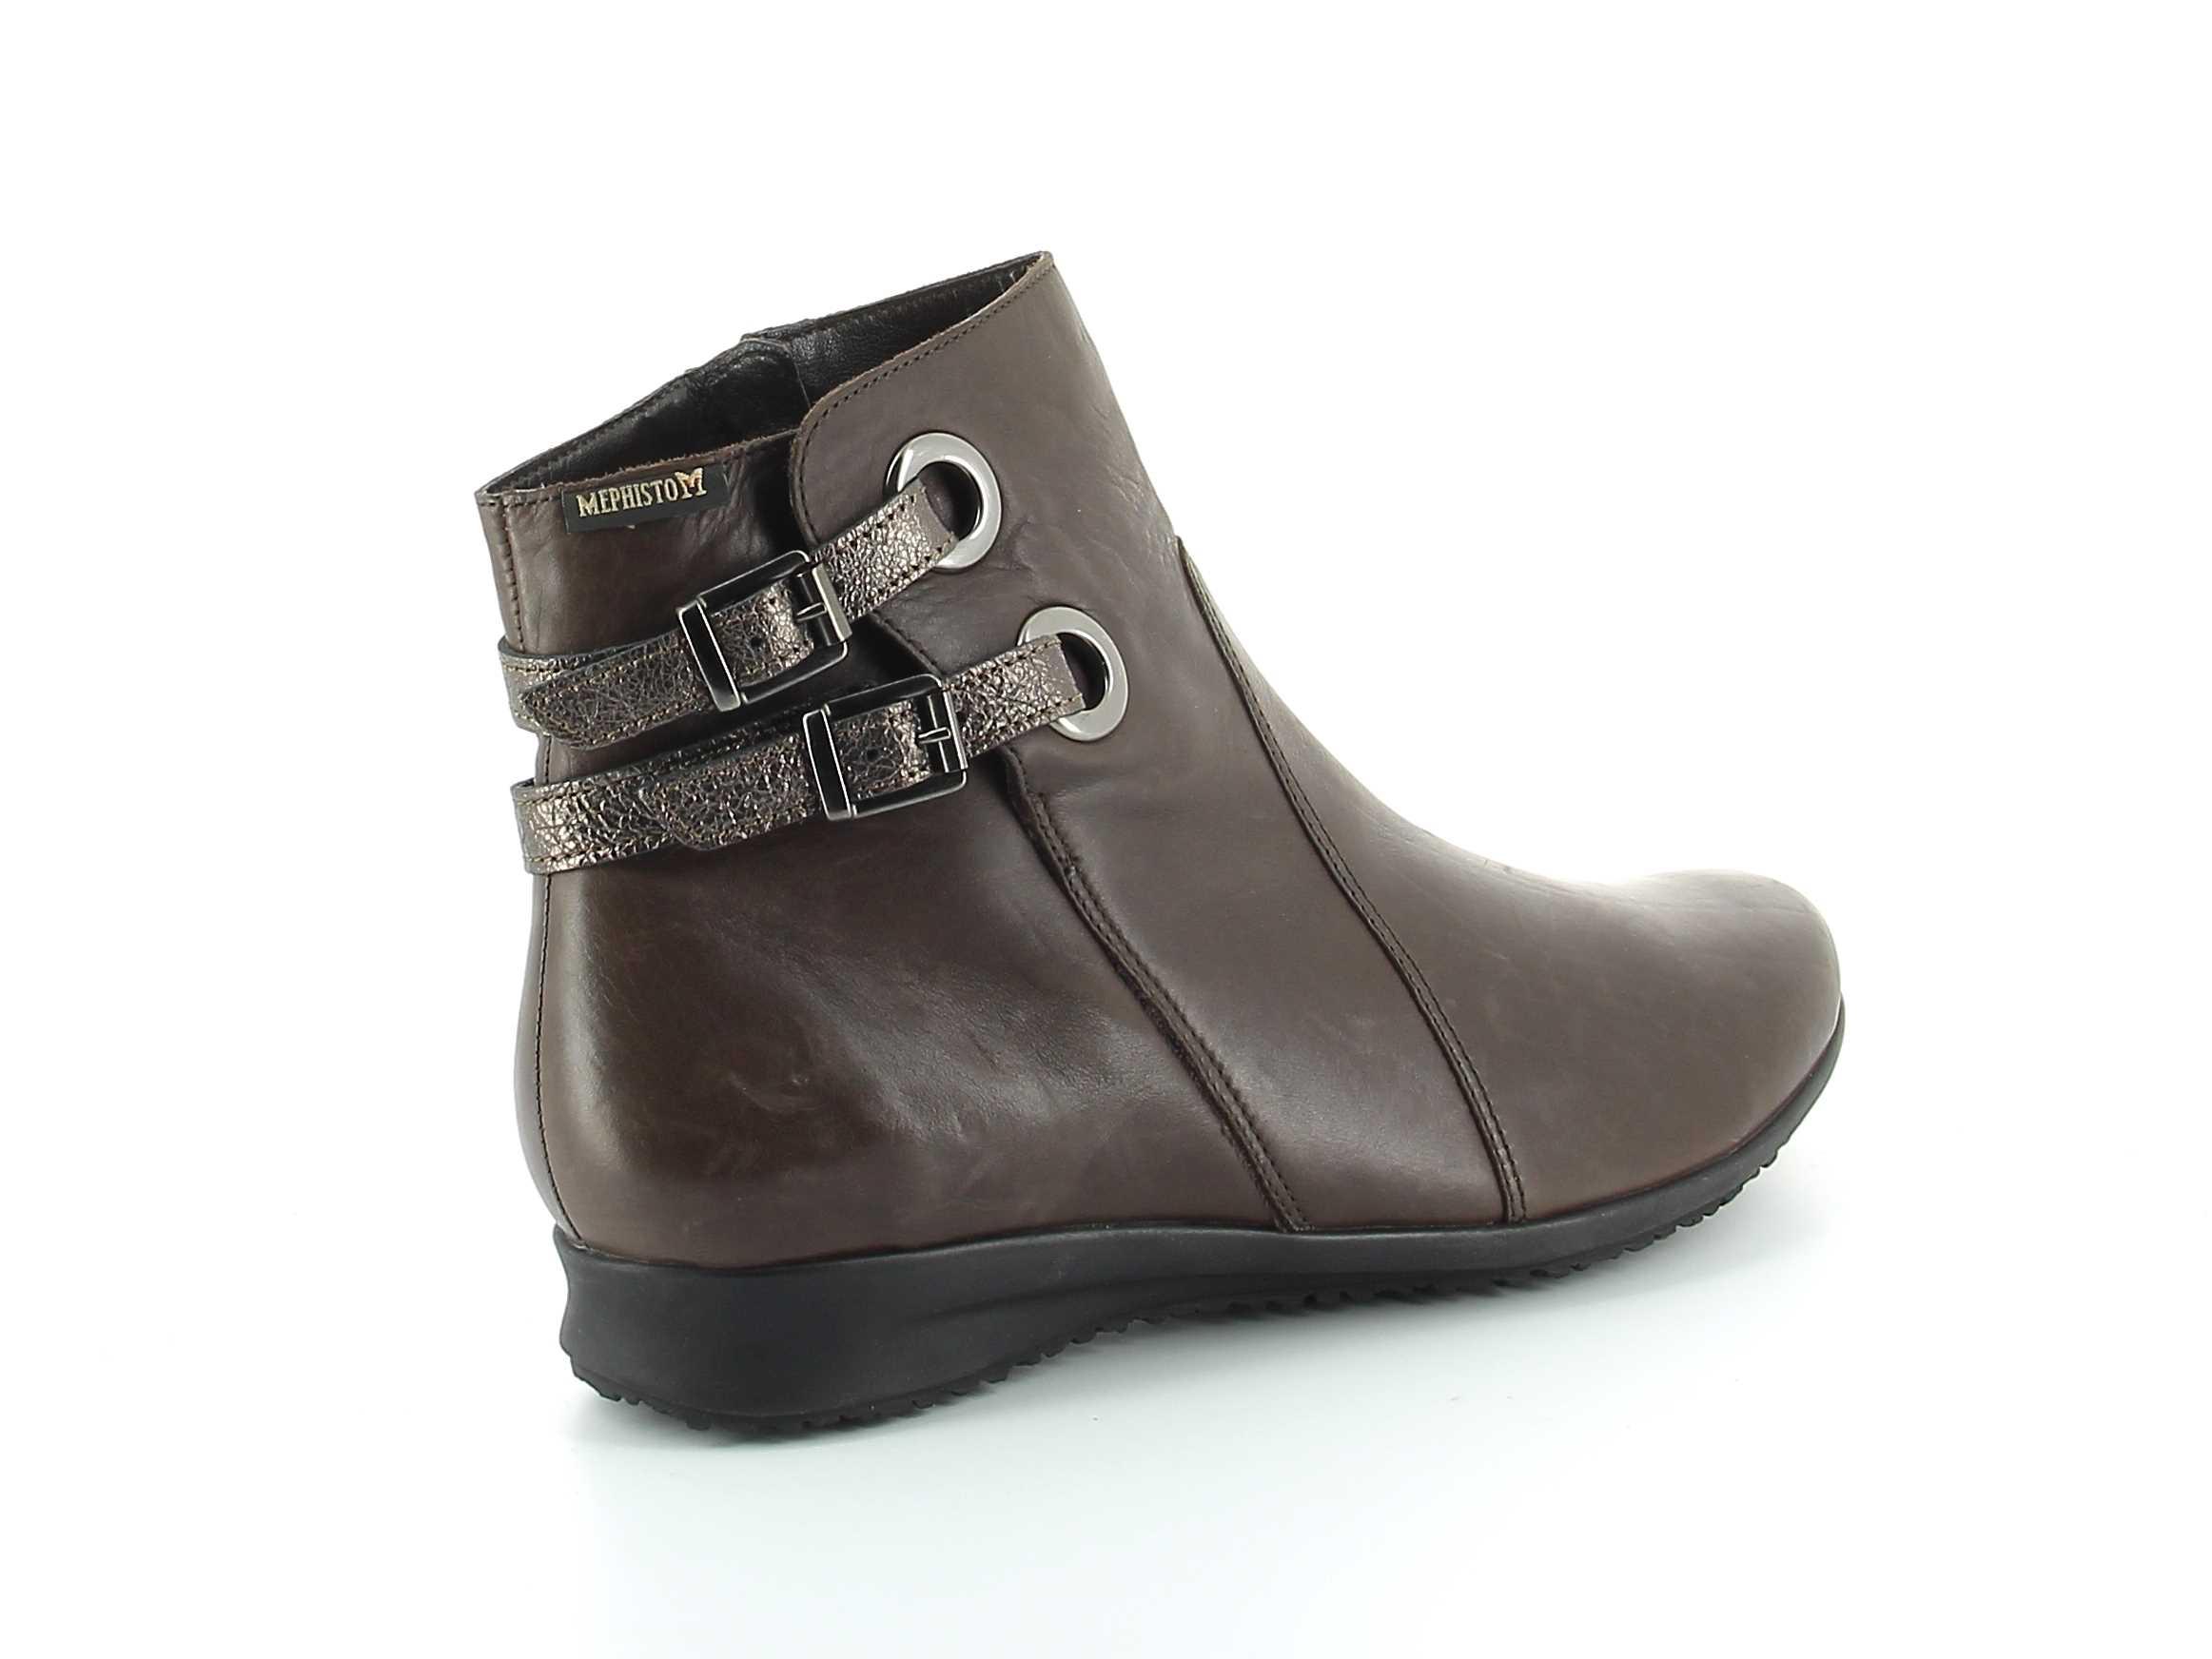 Mephisto Shop chaussures confortables bottines modèle